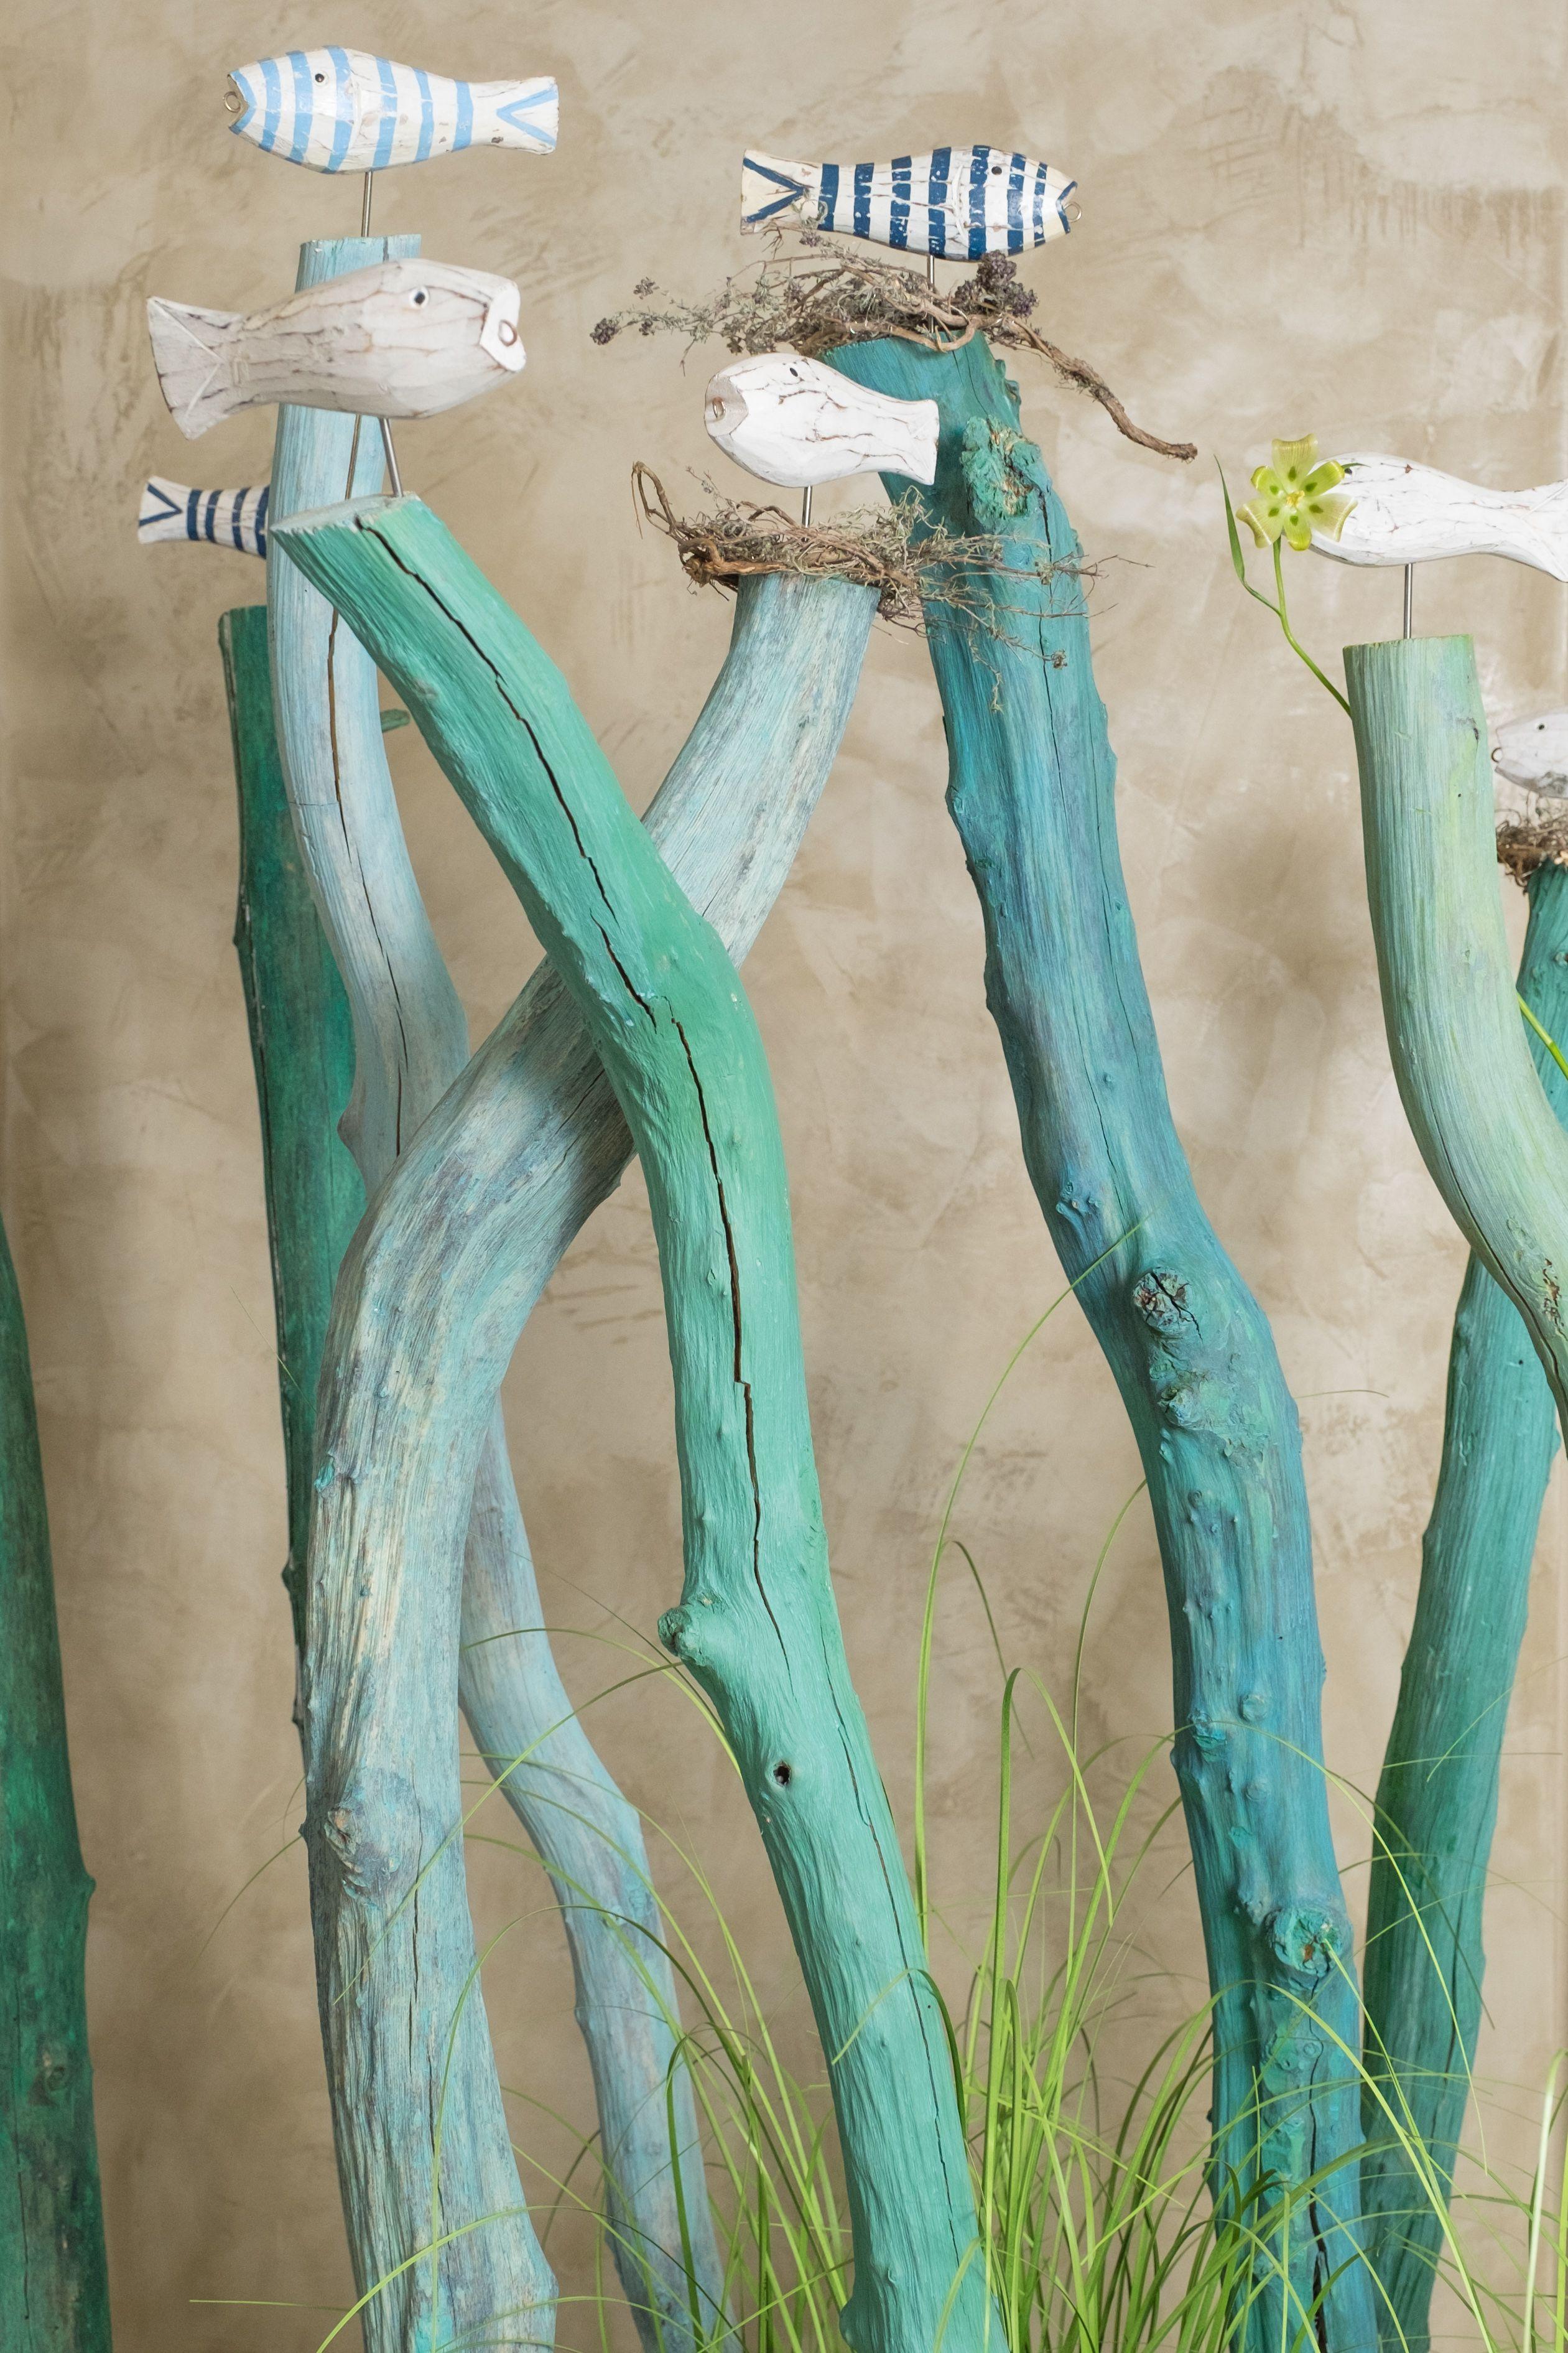 Fische / Stäbe / garten / Sommer / Deko / blau / grün / weiß / hellblau / handmade / fish decoration / multicolored / garden / home decor / art #weihnachtsdekobalkon